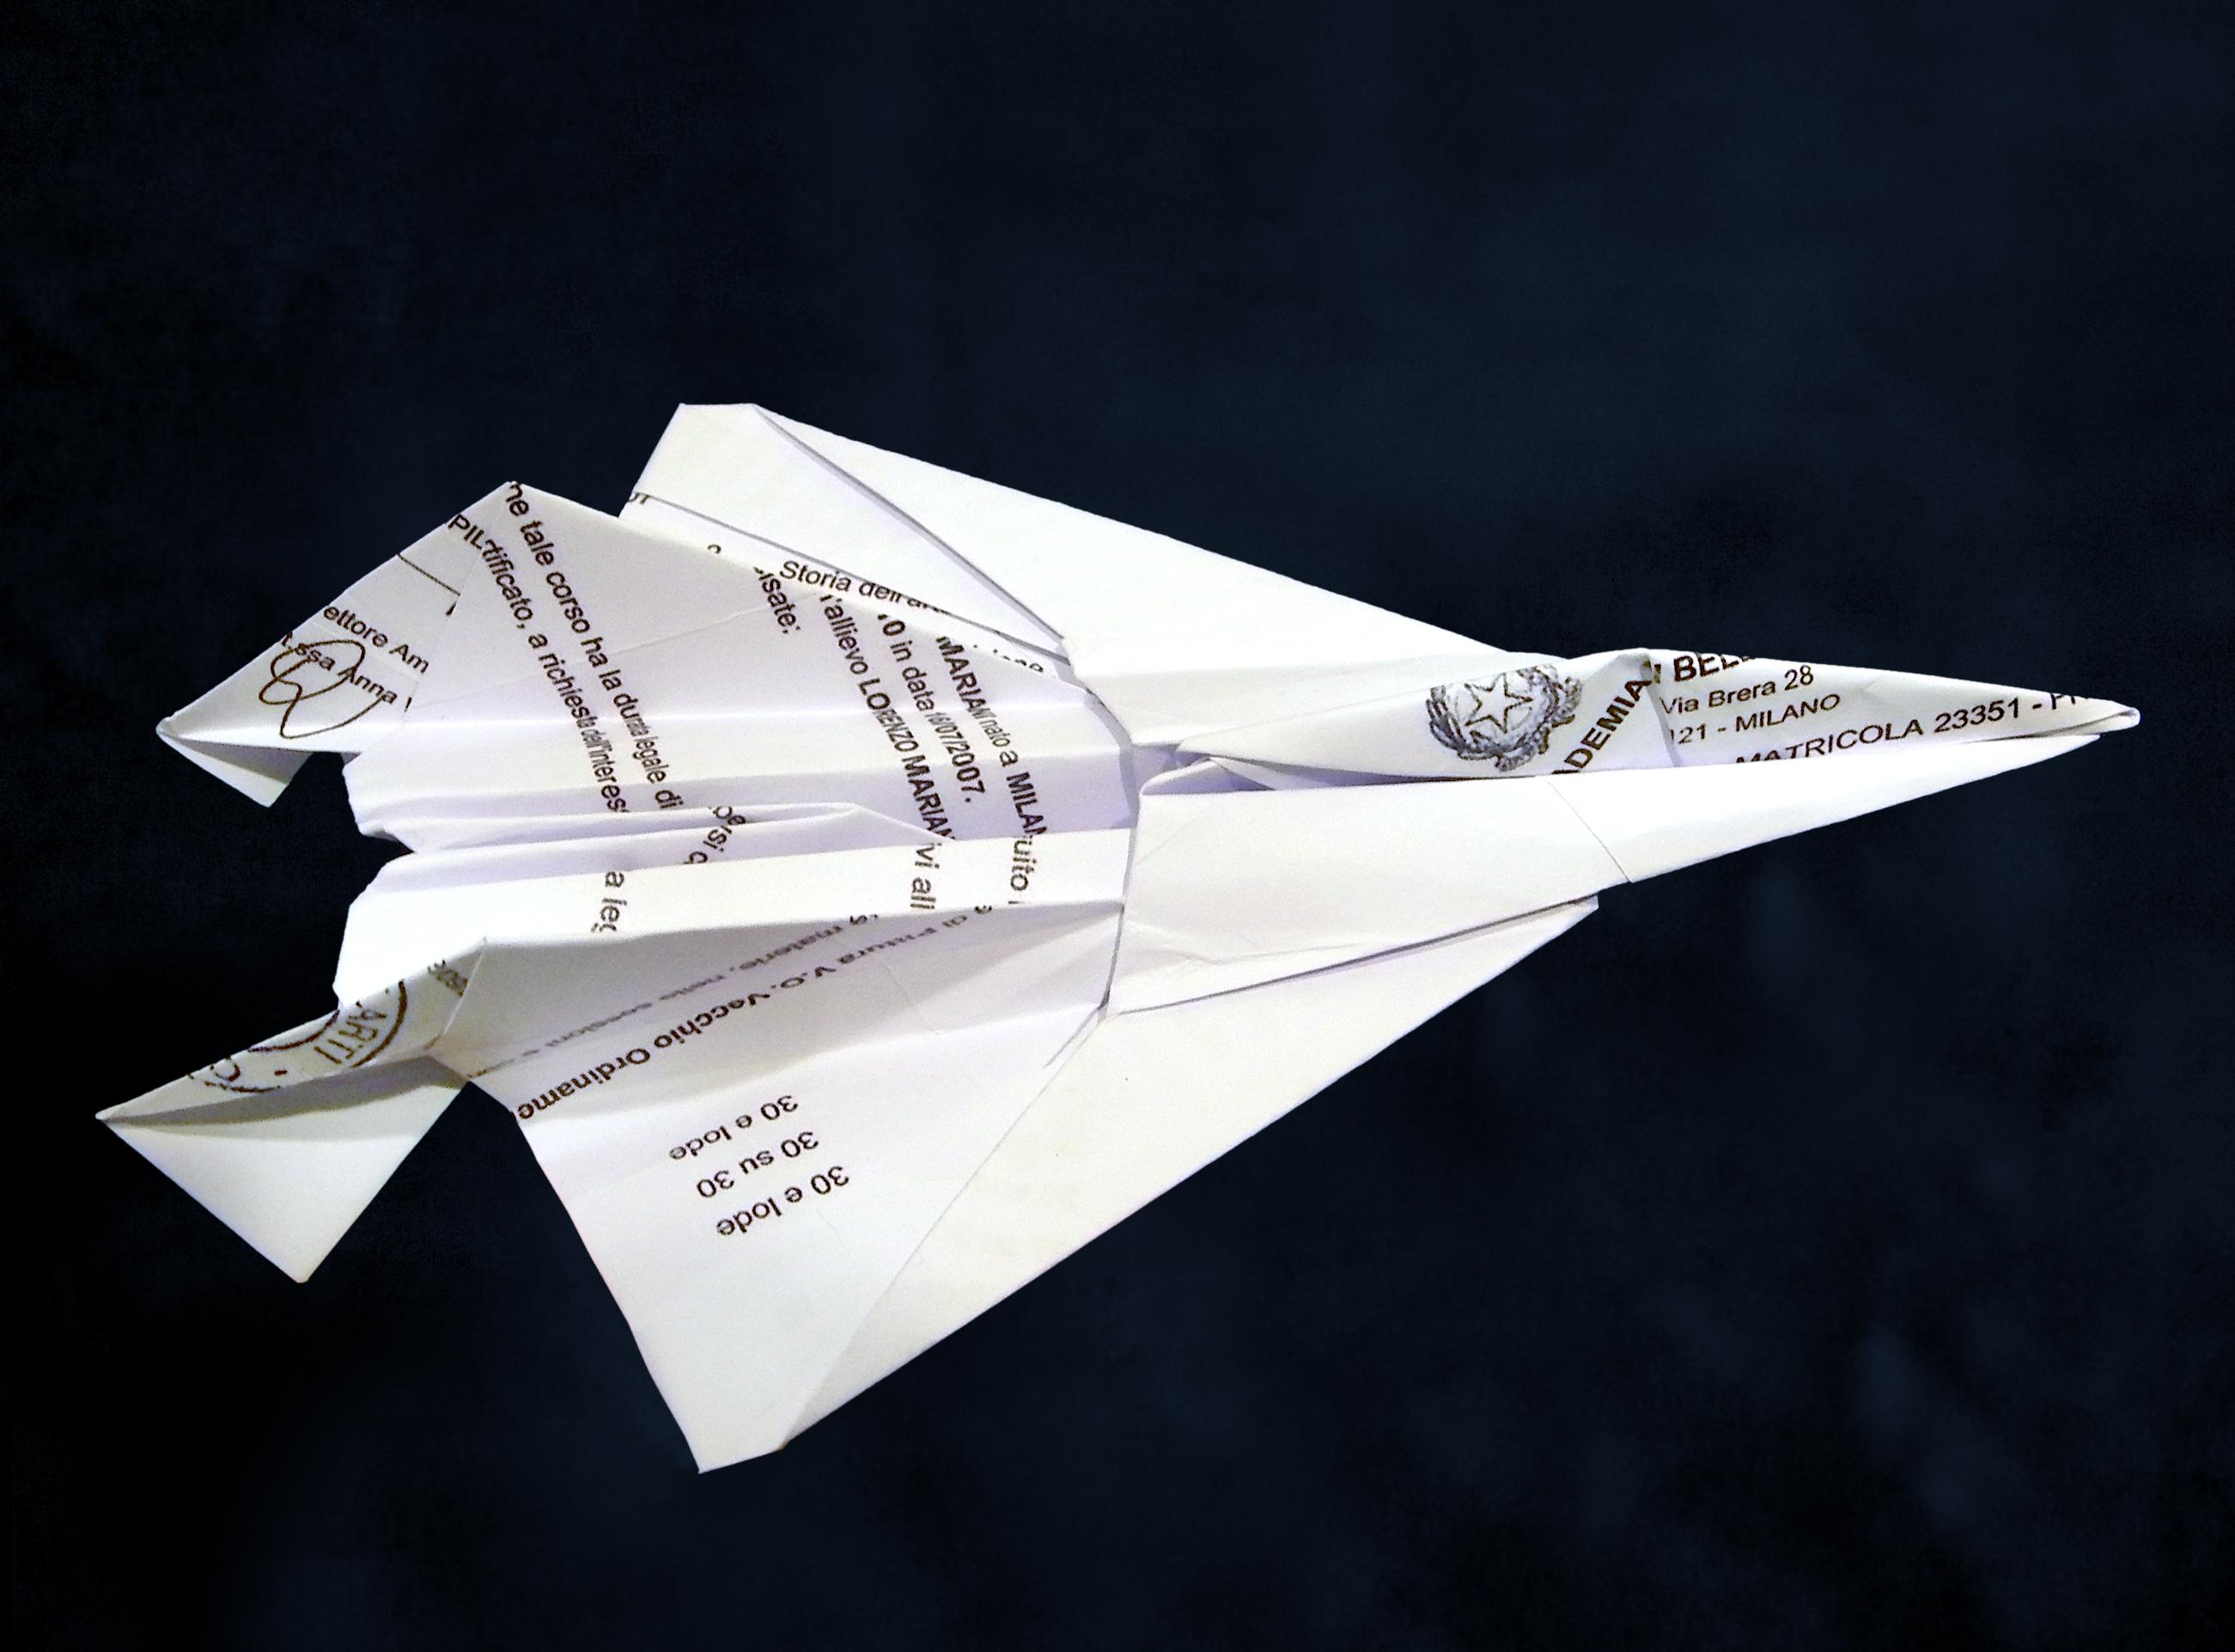 e-lode_2011_inervento-manuale-su-diploma-di-laurea_20x15x5cm_01